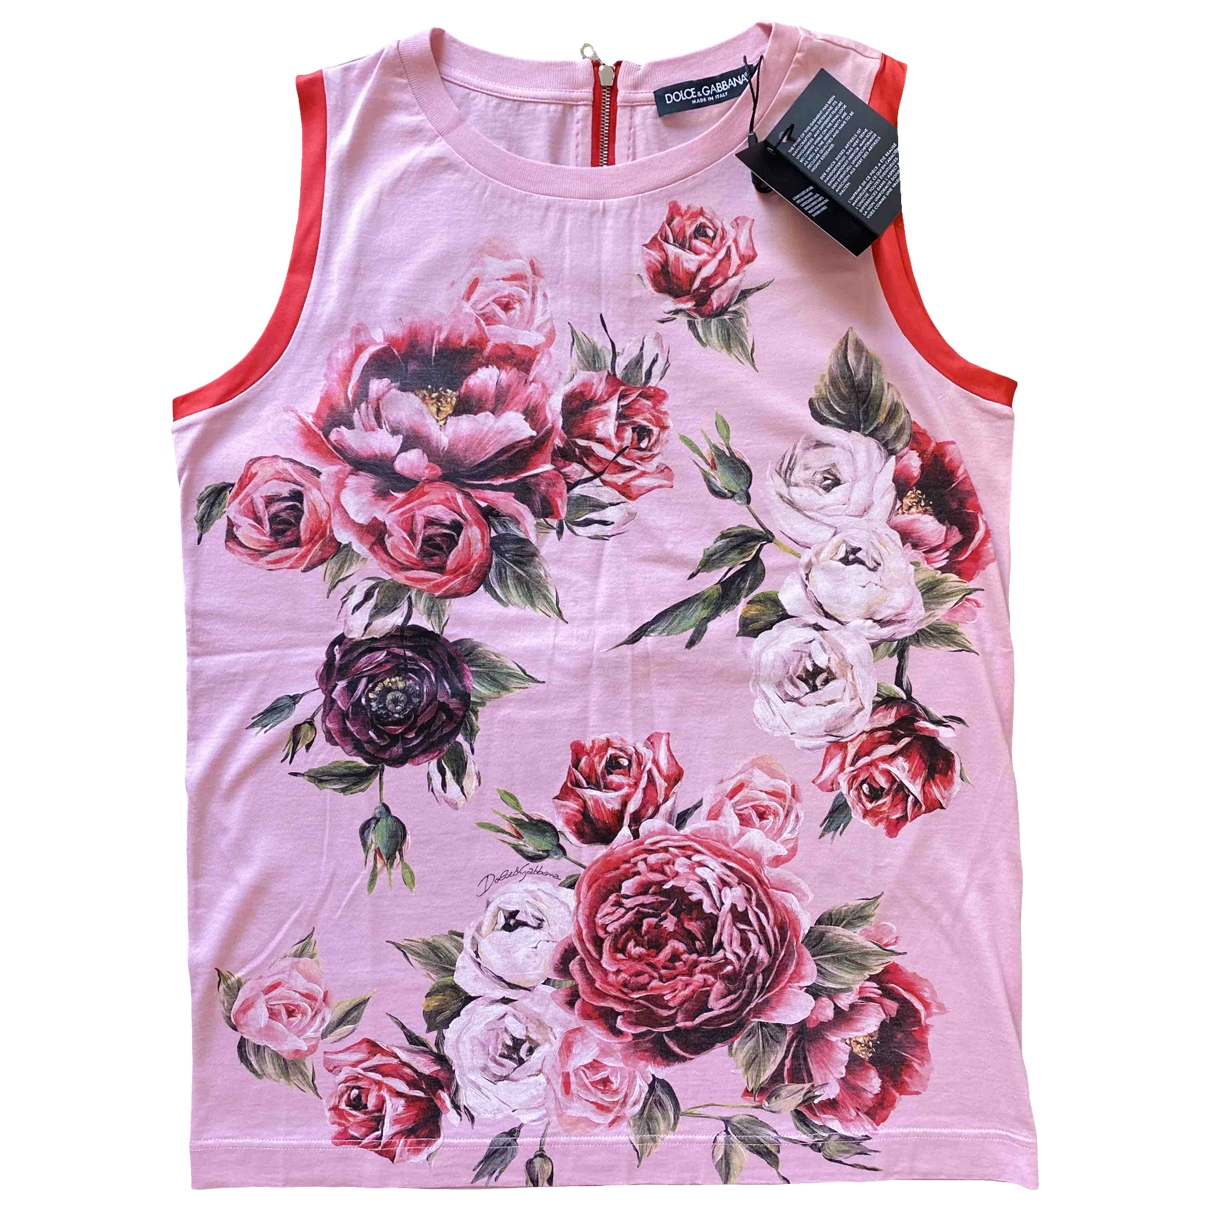 Dolce & Gabbana - Top   pour femme en coton - rose